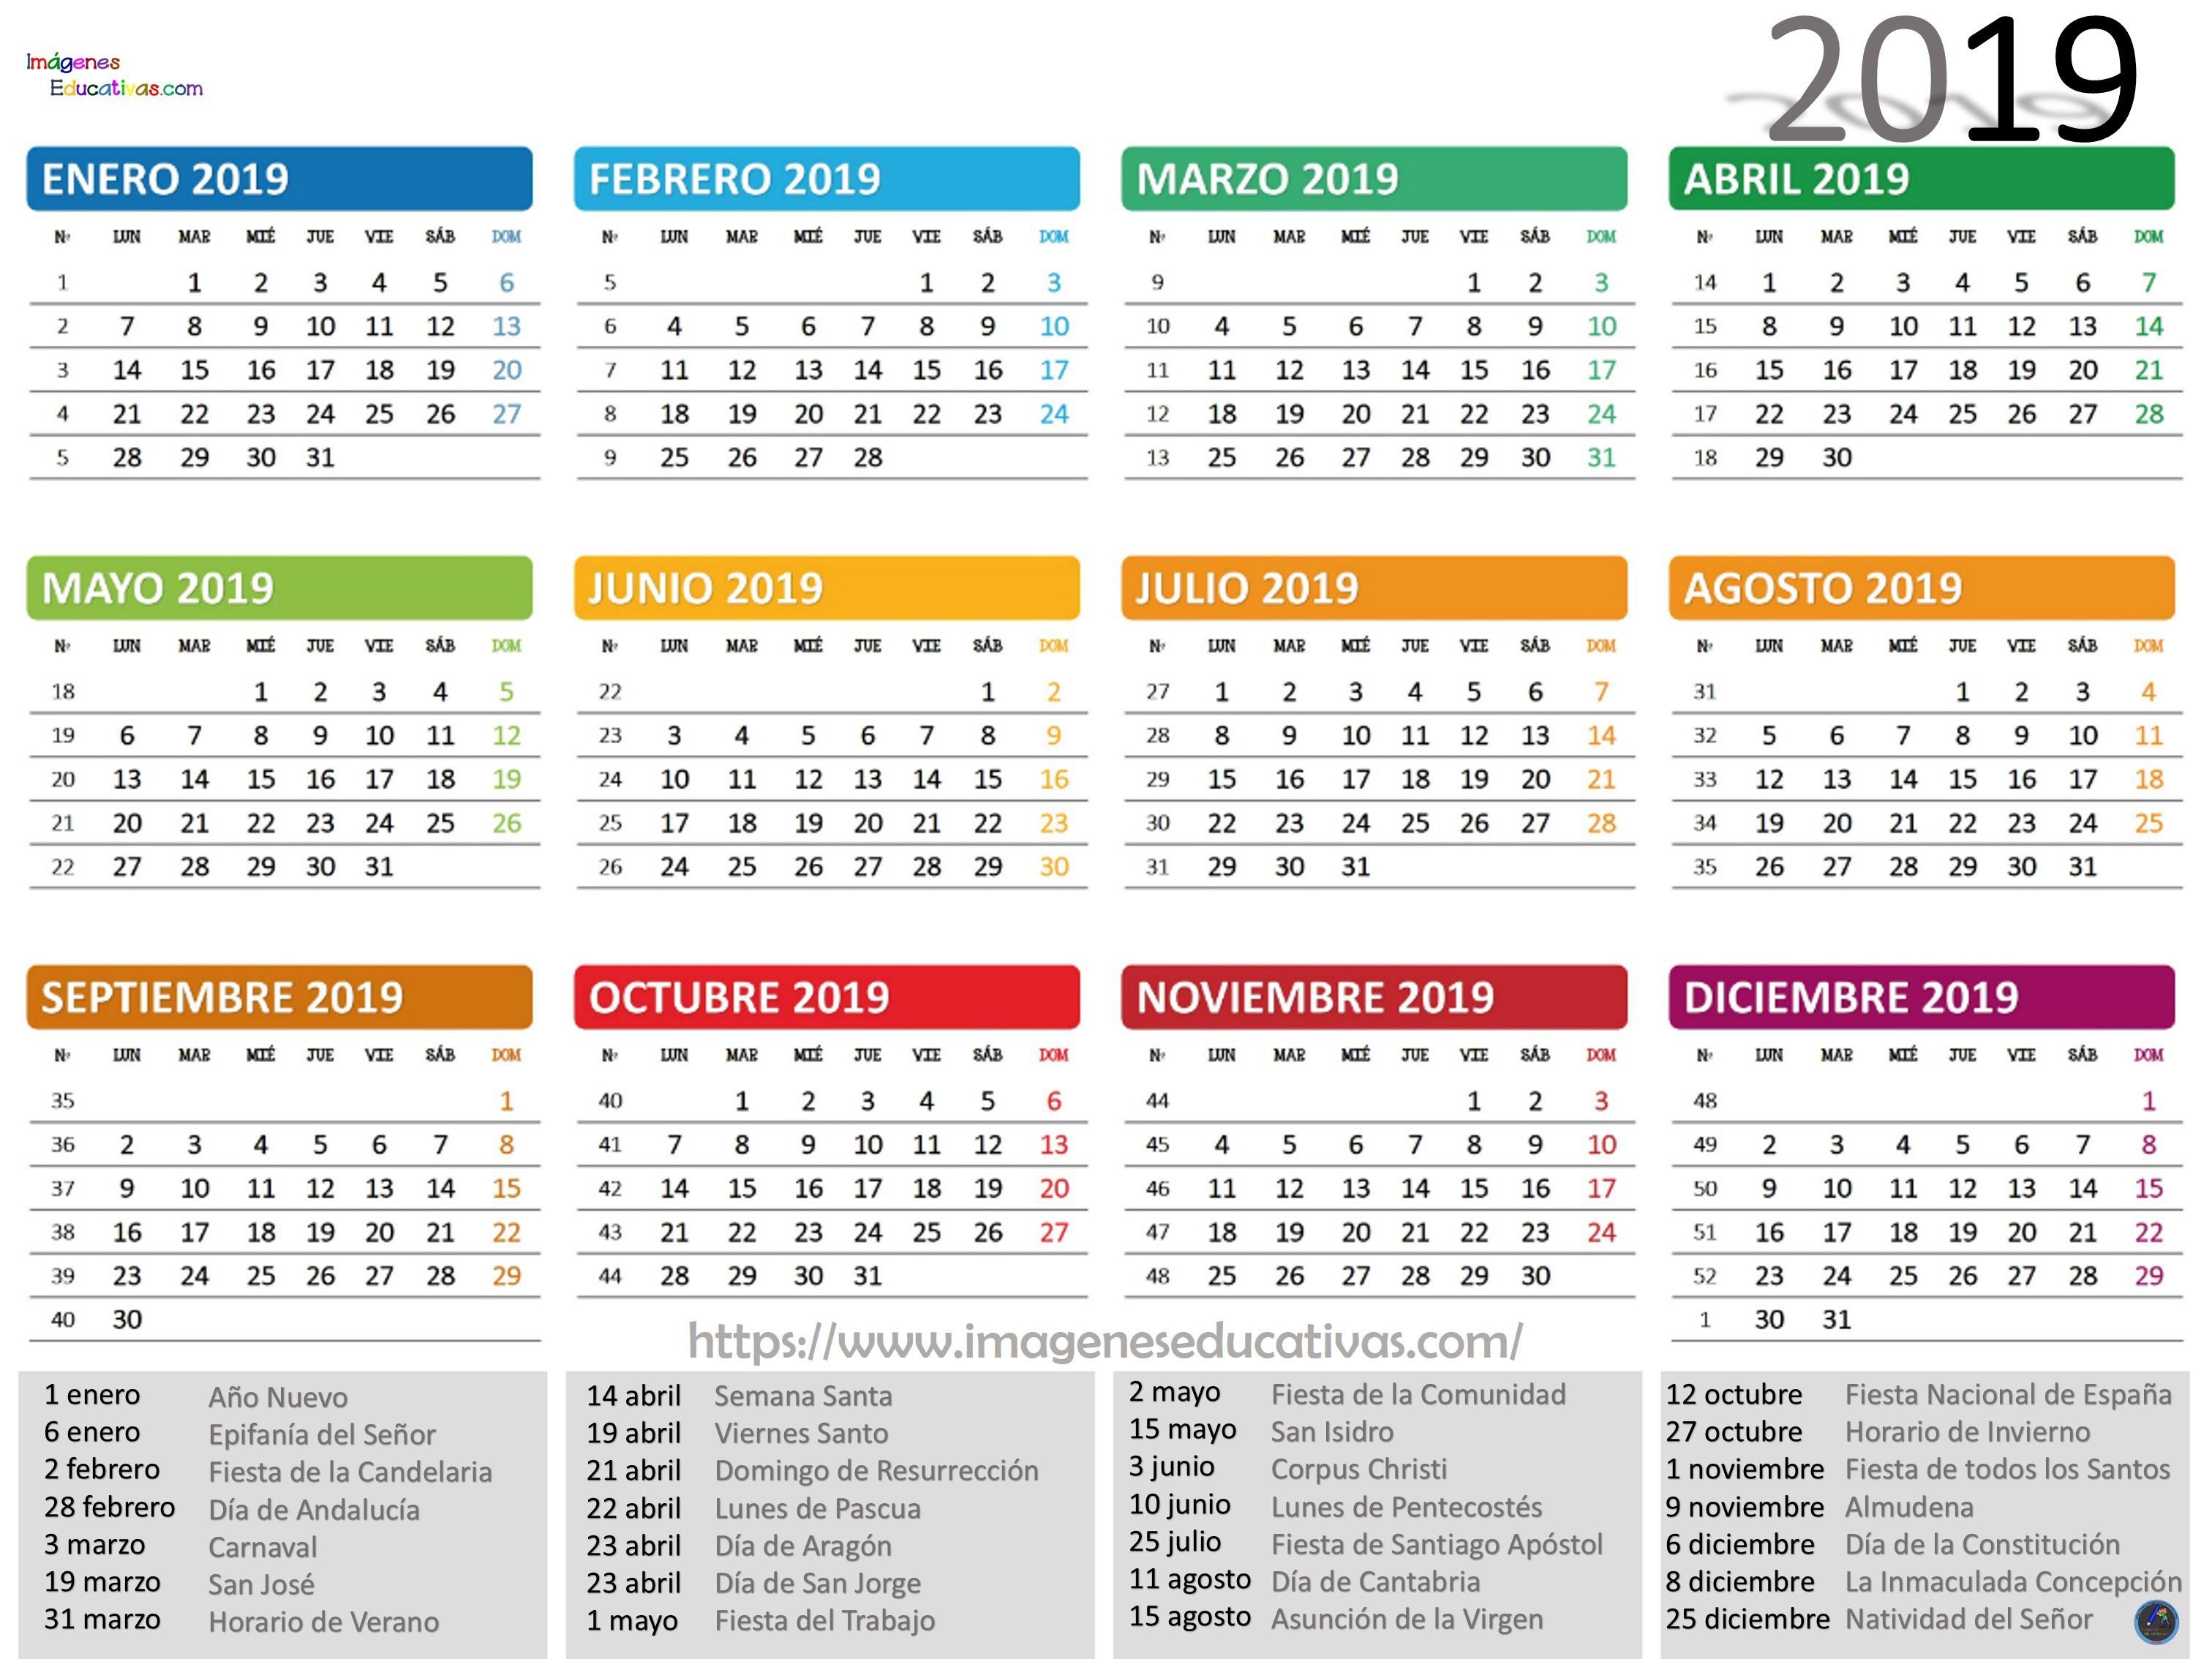 409 Calendario 2019 más de 150 plantillas para imprimir y descargar gratis